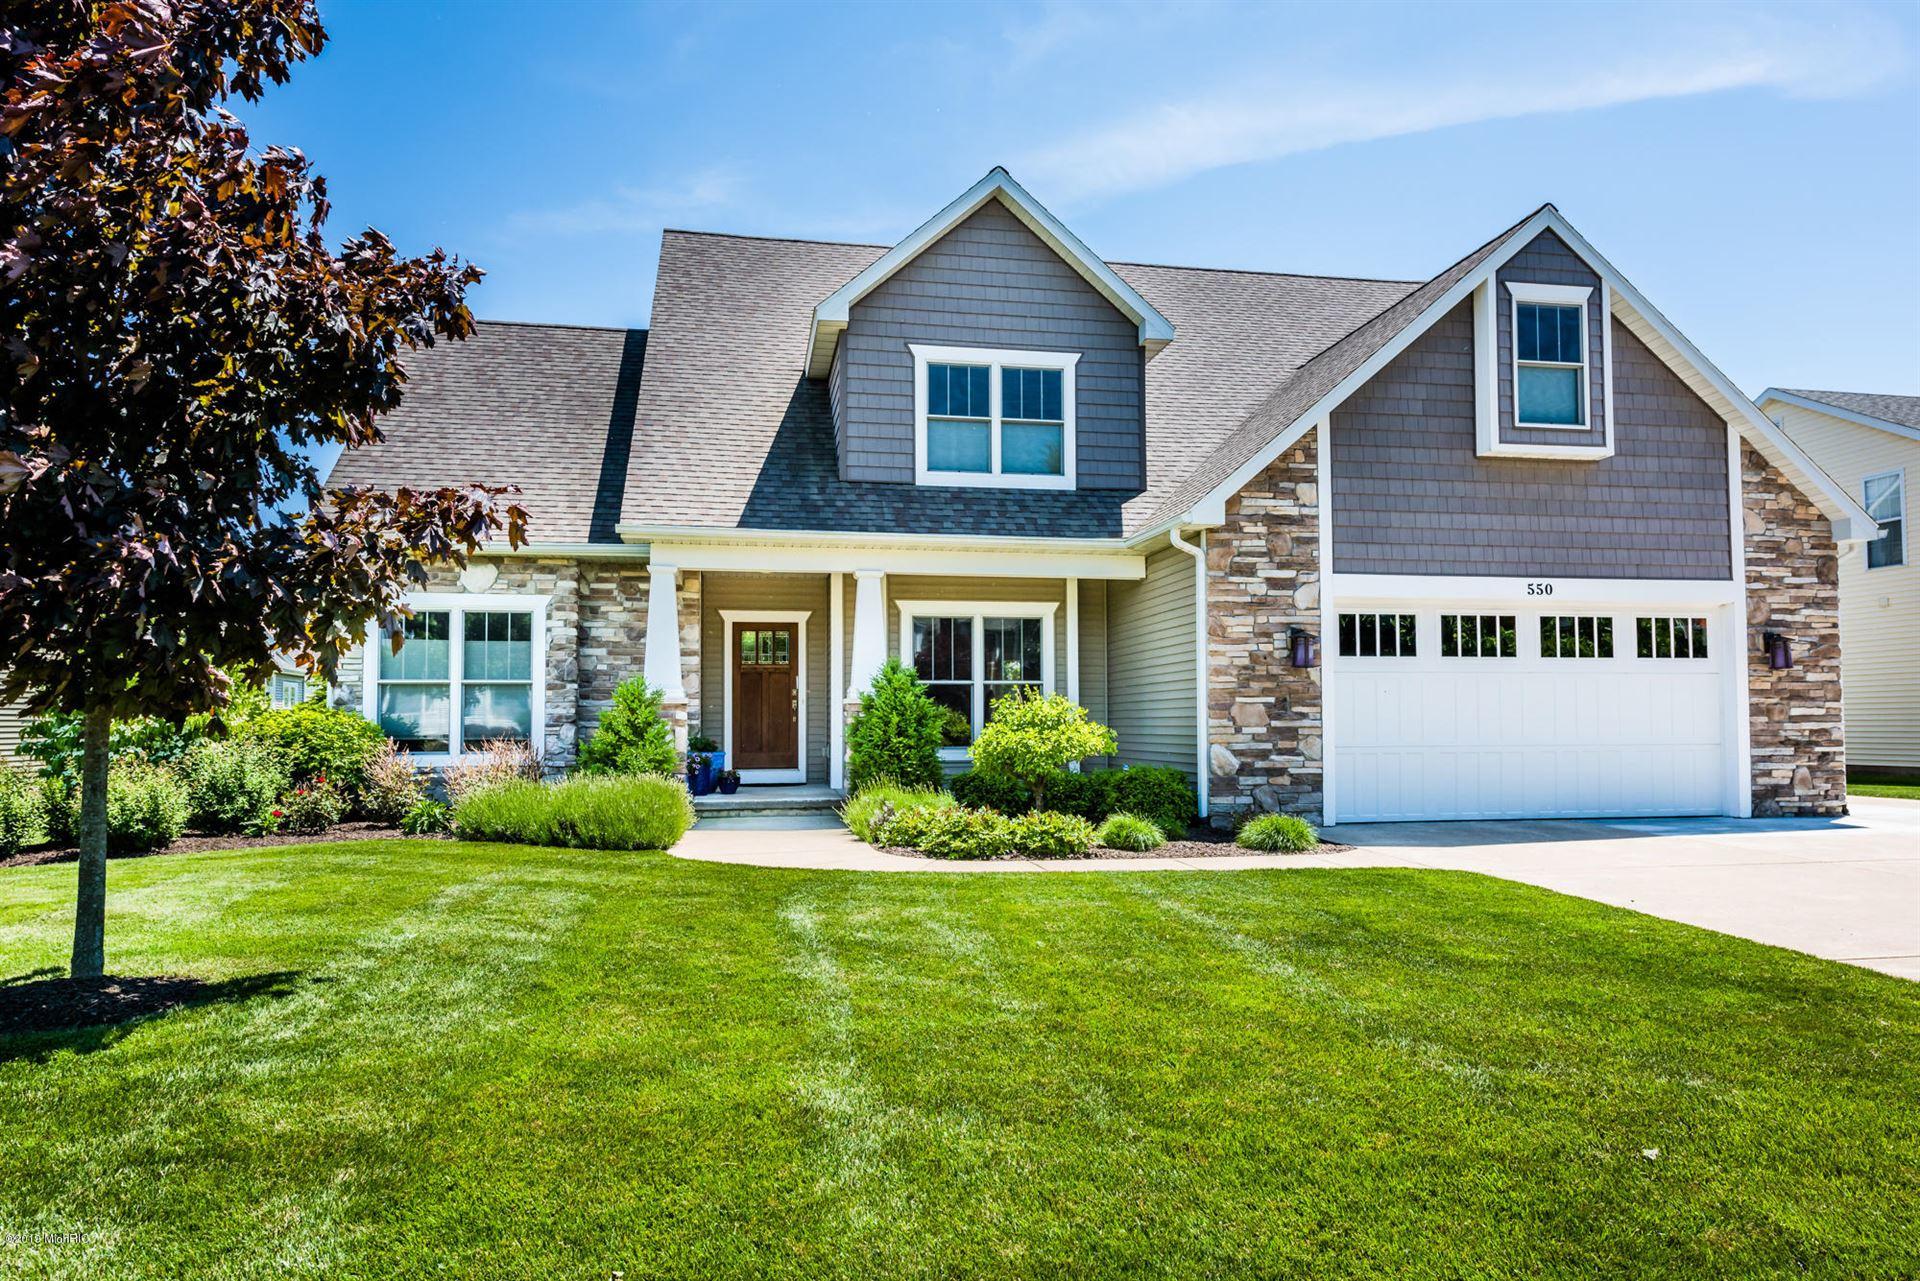 550 Summer Ridge Parkway, Saint Joseph, MI 49085 - MLS#: 21013831